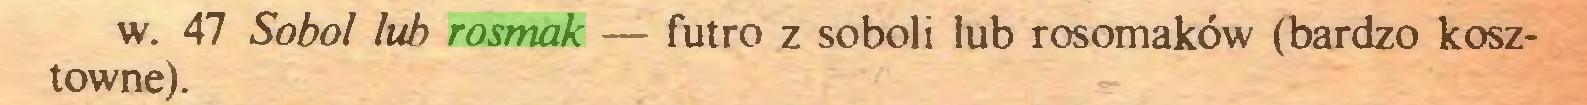 (...) w. 47 Sobol lub rosmak — futro z soboli lub rosomaków (bardzo kosztowne)...